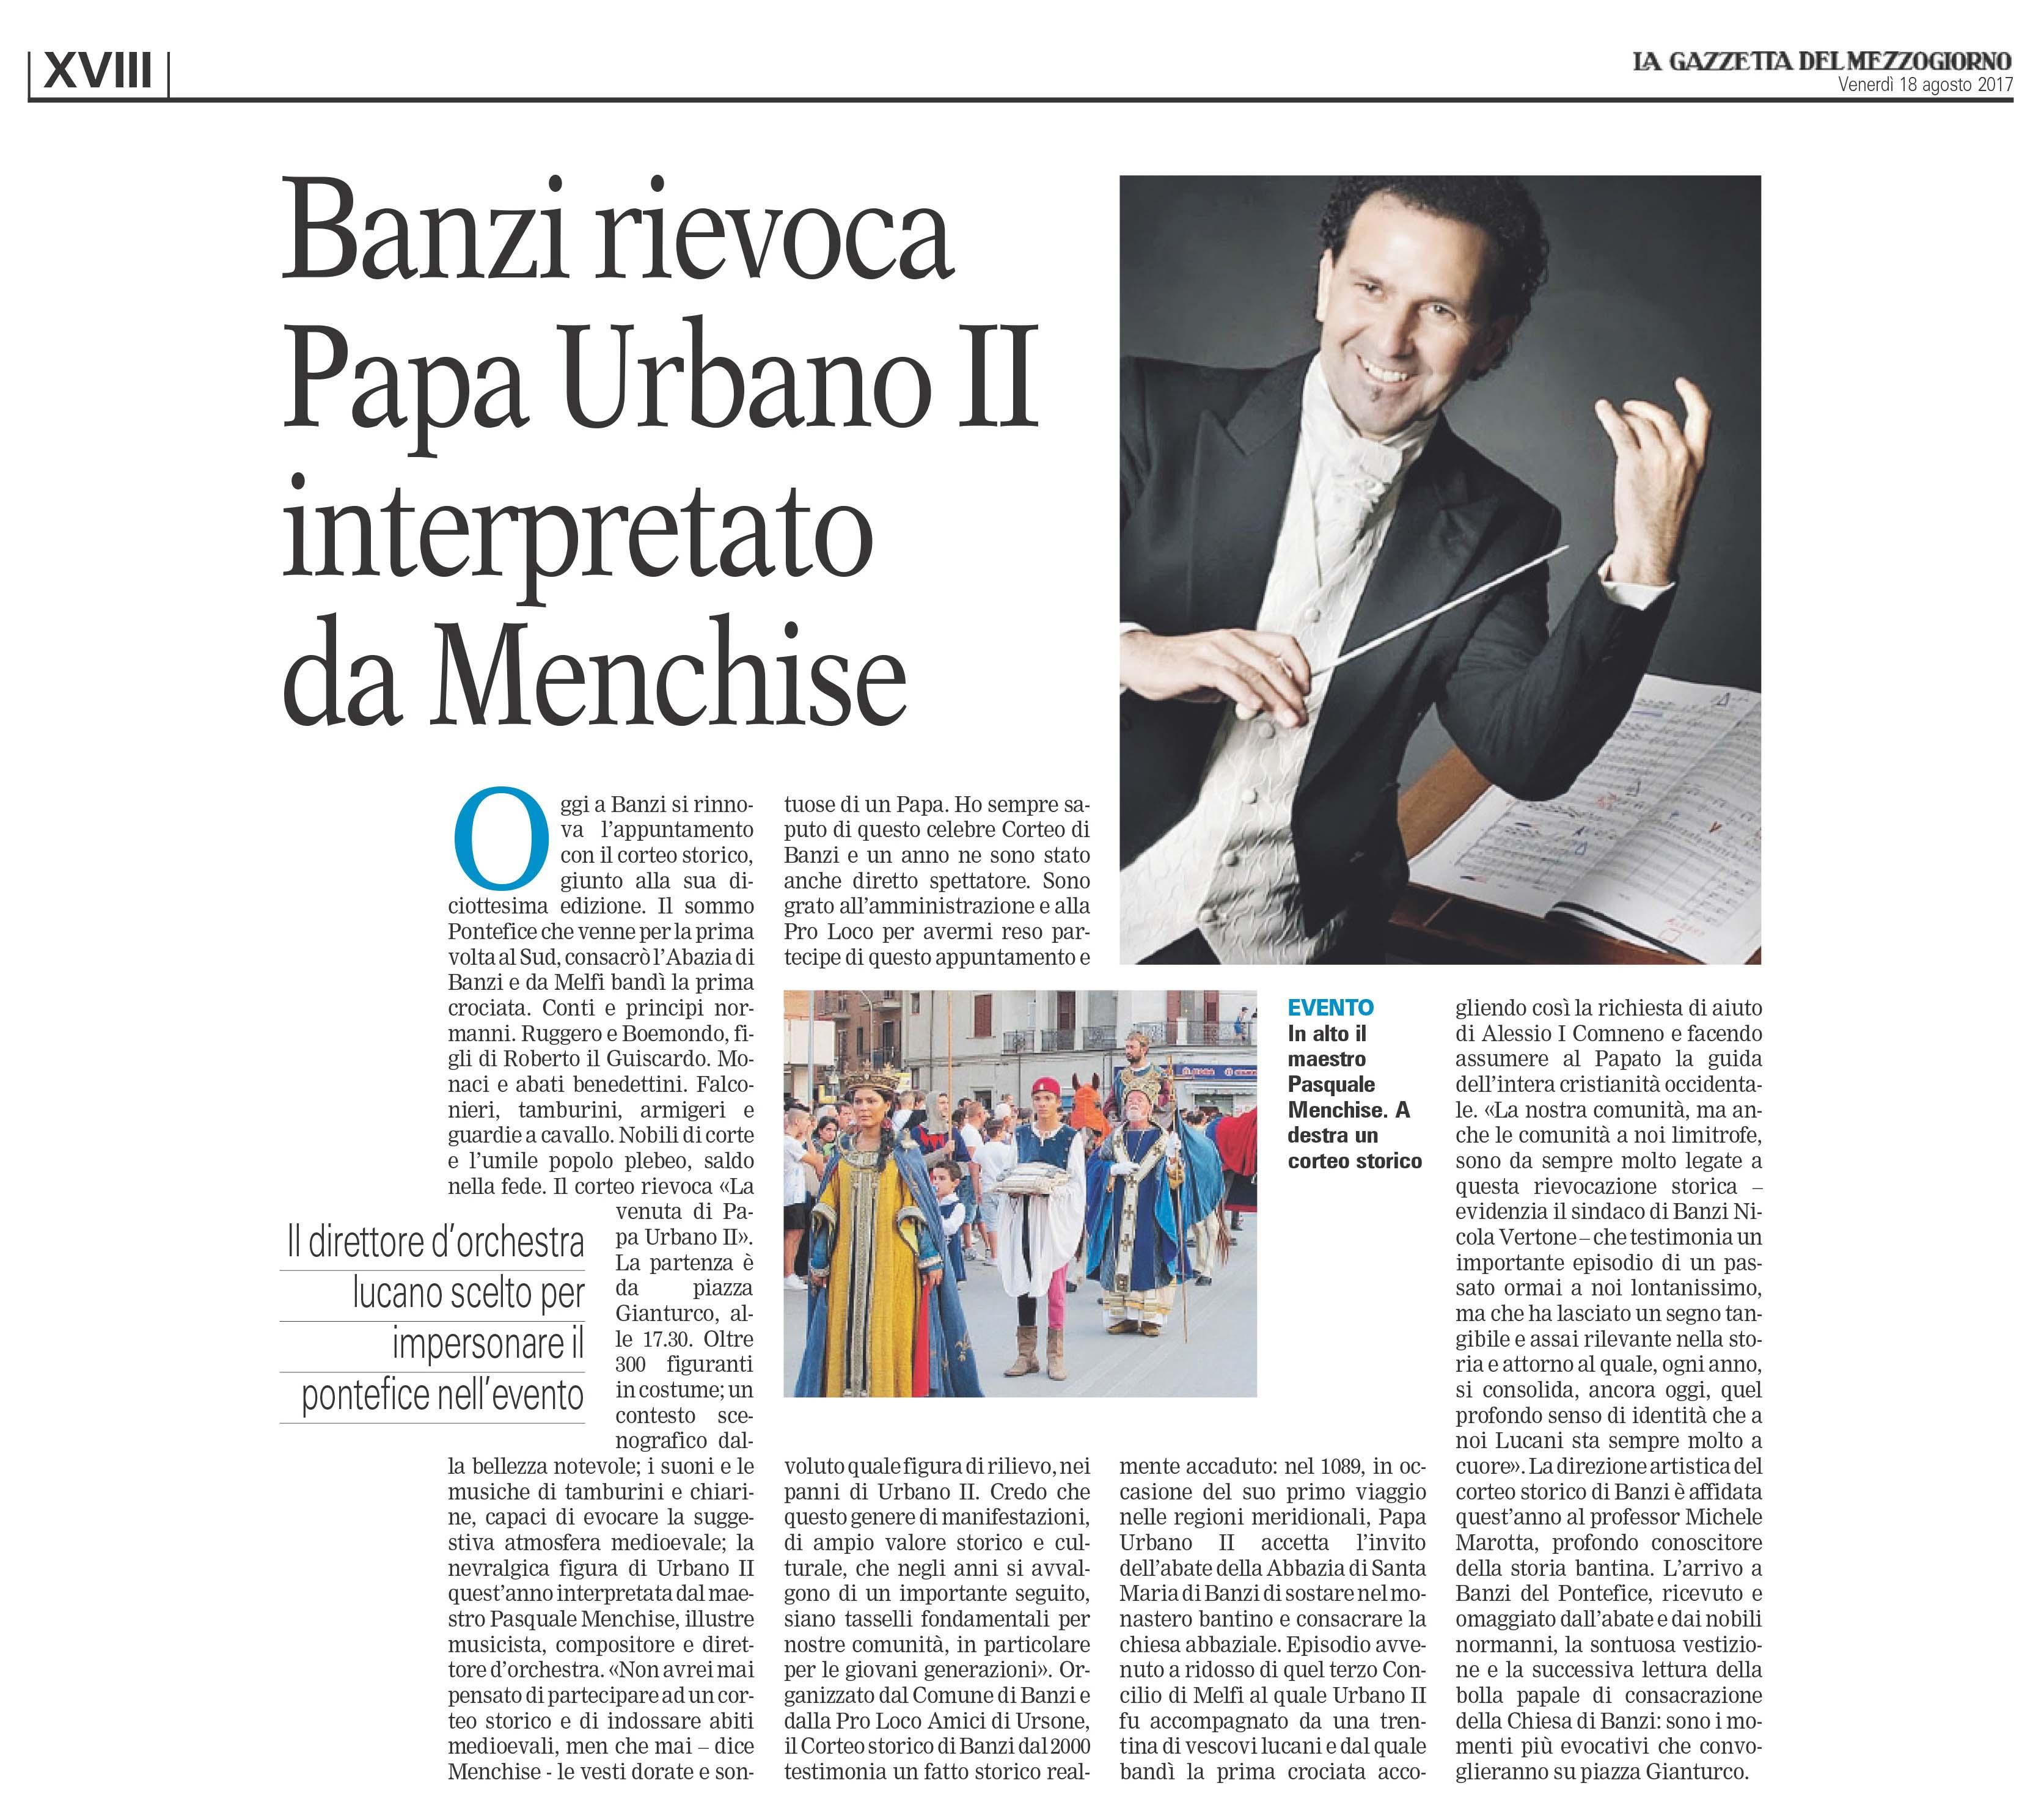 La Gazzetta_18 agosto